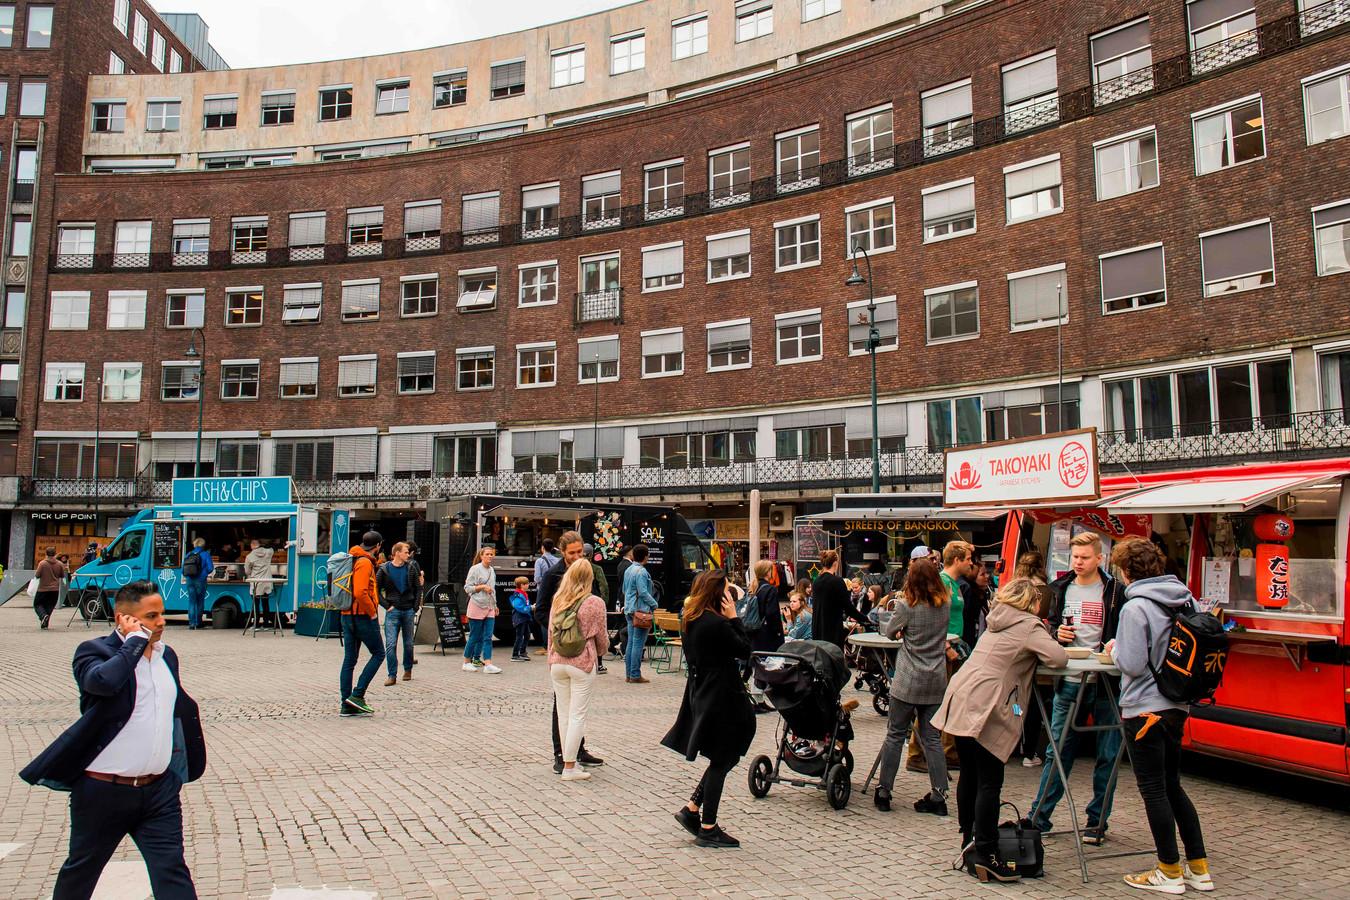 Het stadsbestuur van Oslo wil zo snel mogelijk van het uitlaatgas van auto's af. Er moeten inductieplaten komen op locaties waar veel potentiële klanten voor taxi's zijn